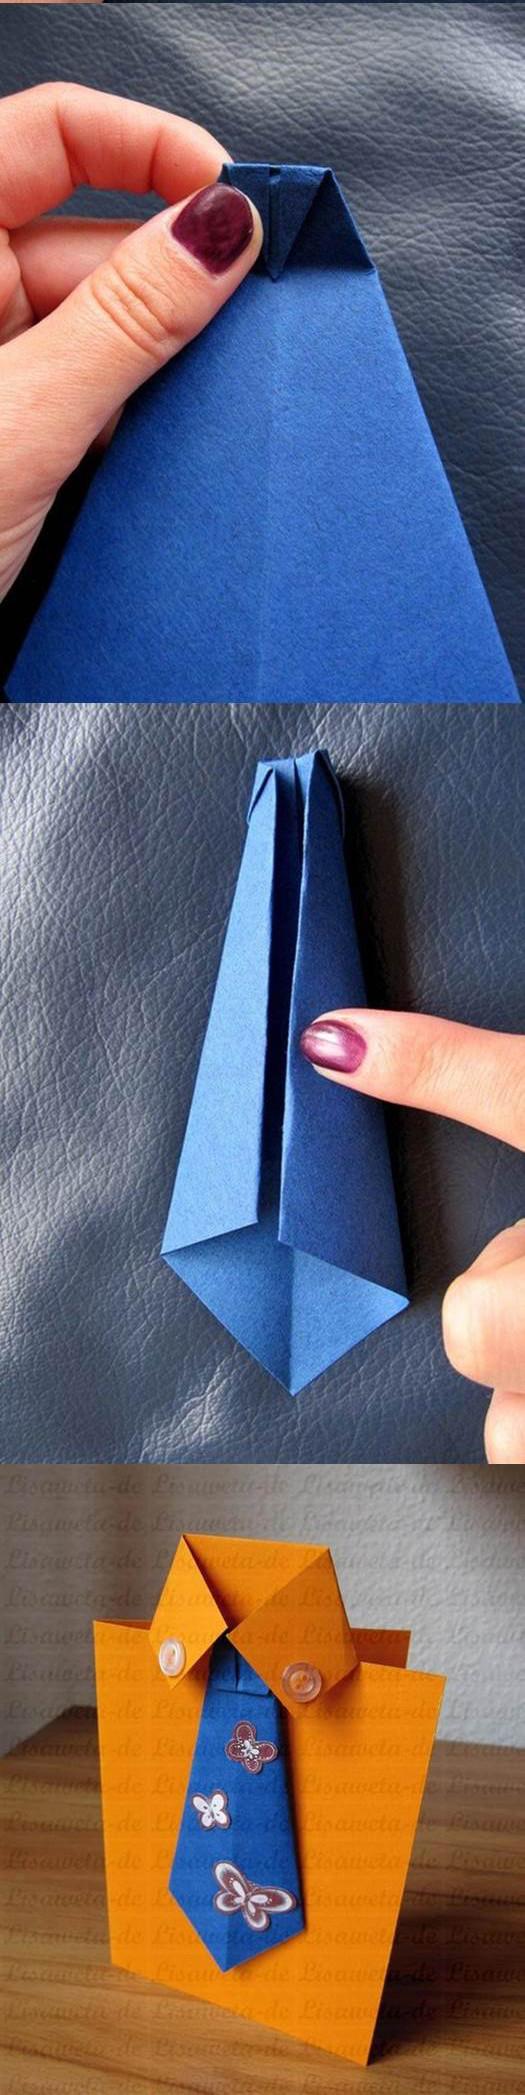 Открытка галстук своими руками поэтапно фото 19